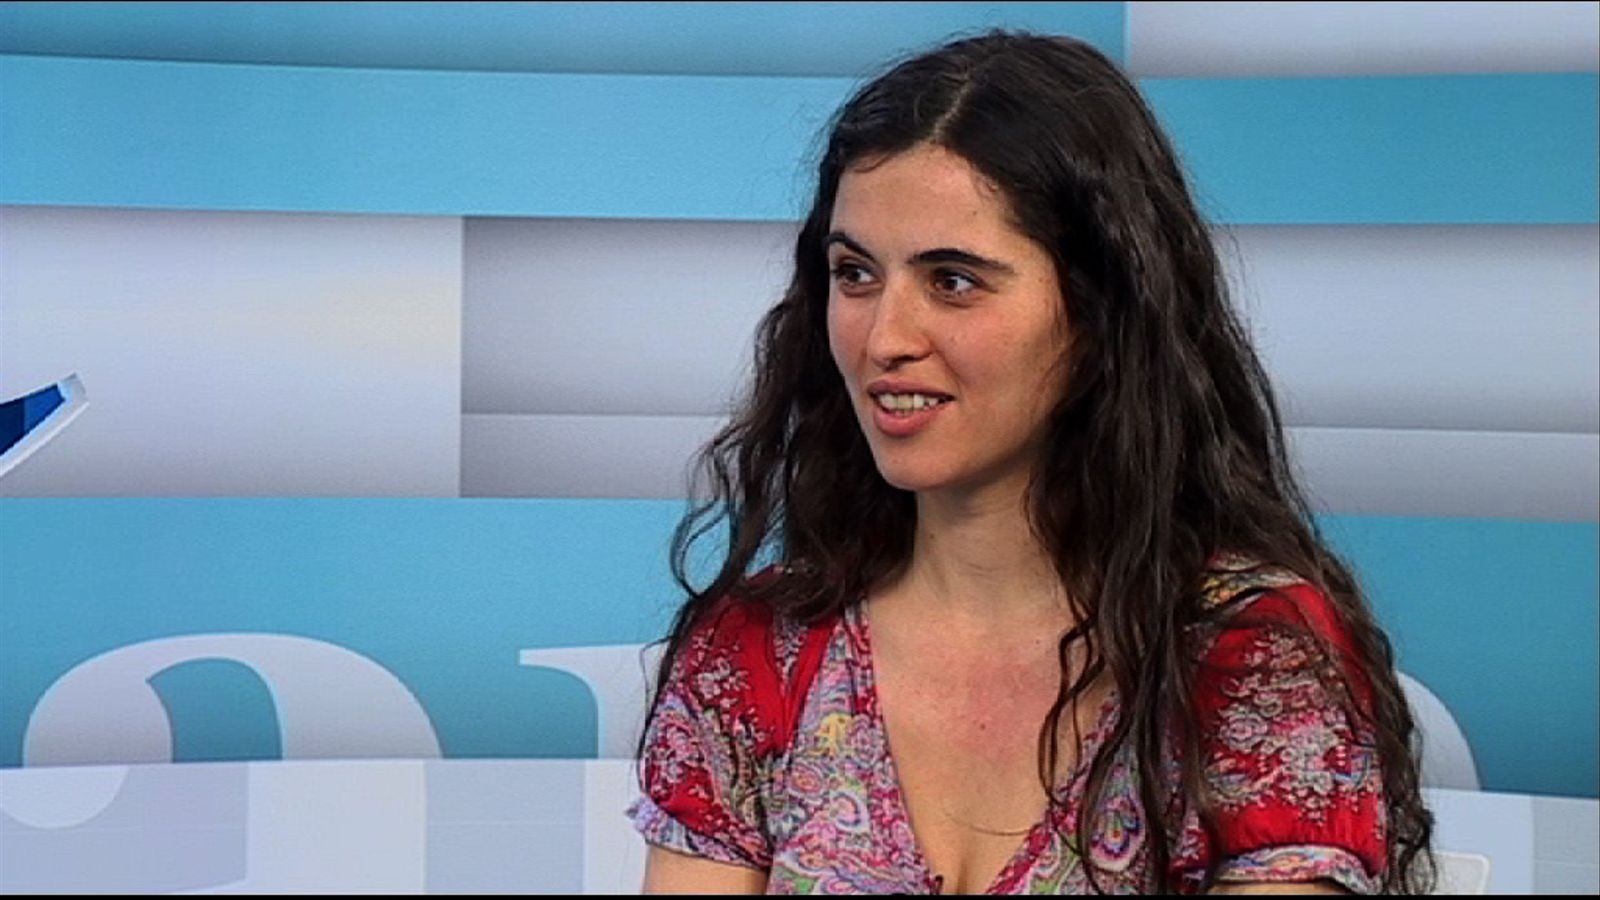 Sílvia Pérez Cruz: Ara tinc sensació de buidor perquè he tret el que tenia a dins per donar forma al disc